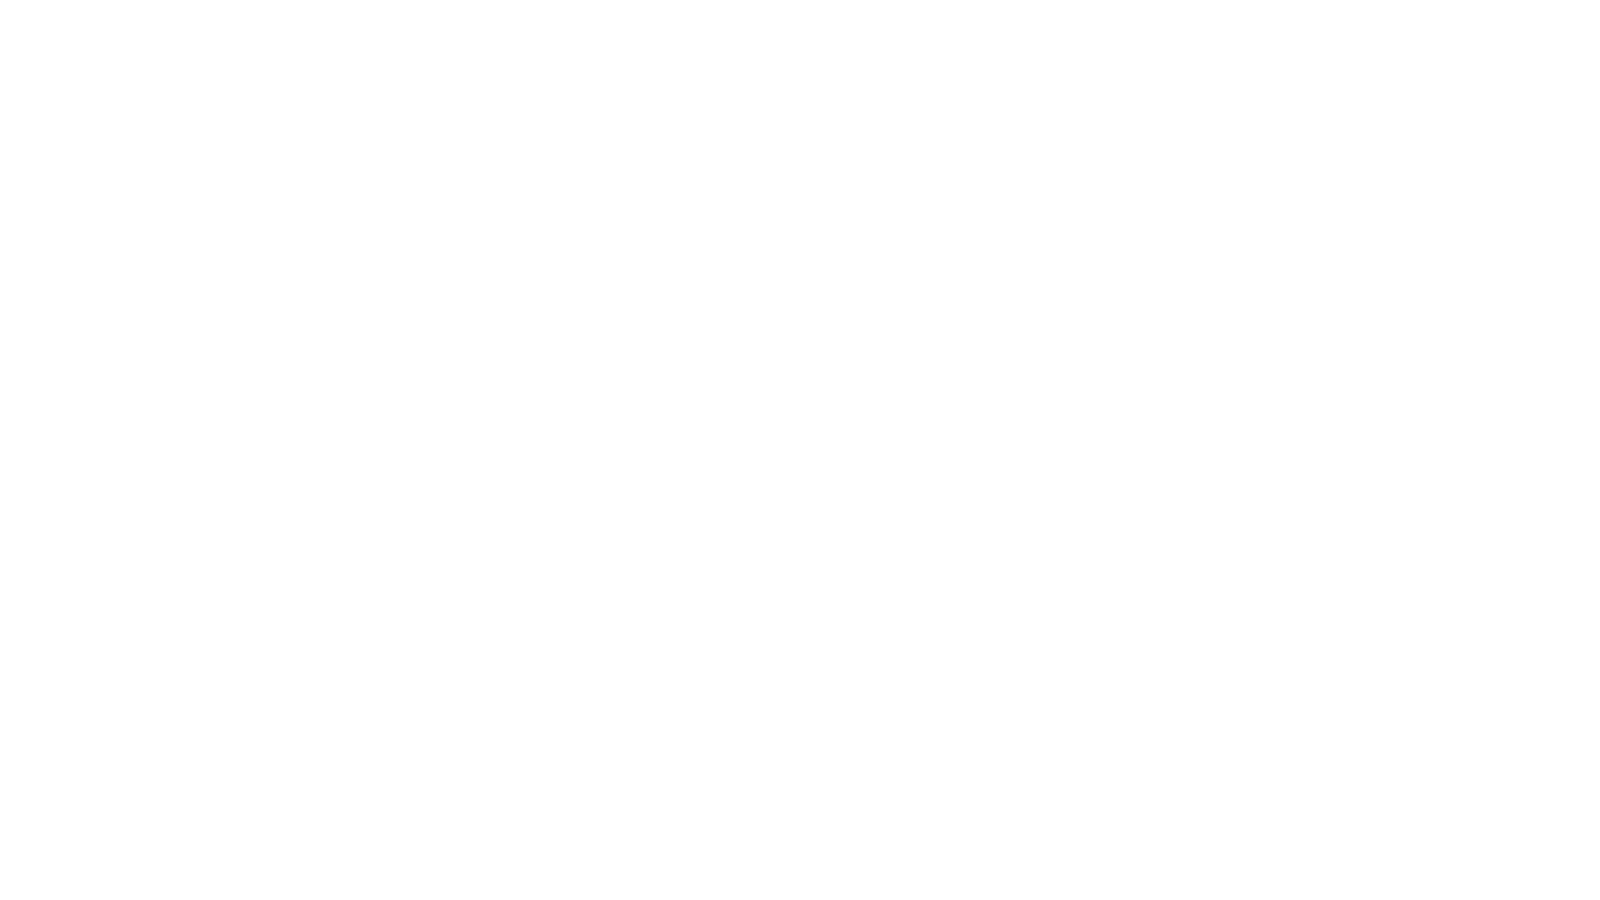 """Poesia """"Favole...realtà"""" inserita nella mia prima raccolta poetica """"Il mio girotondo di emozioni"""" edita da marcoserratarantolaeditore. By Elenia Stefani  💌ISCRIVITI AL MIO CANALE🎉 #eleniastefani #ilmiogirotondodiemozioni #libridaleggere #scrittrice #poesie #frasi #pensieri #libri #leggerepoesie #bookstagram #libreria  #readers #book #leggere #lettura #consiglidilettura #libriconsigliati #bookgrammer #bookstagramitalia #writer #poetess #italianpoetry #poesiaitaliana #bookinfluencer #bookblogger #bookofinstagram"""